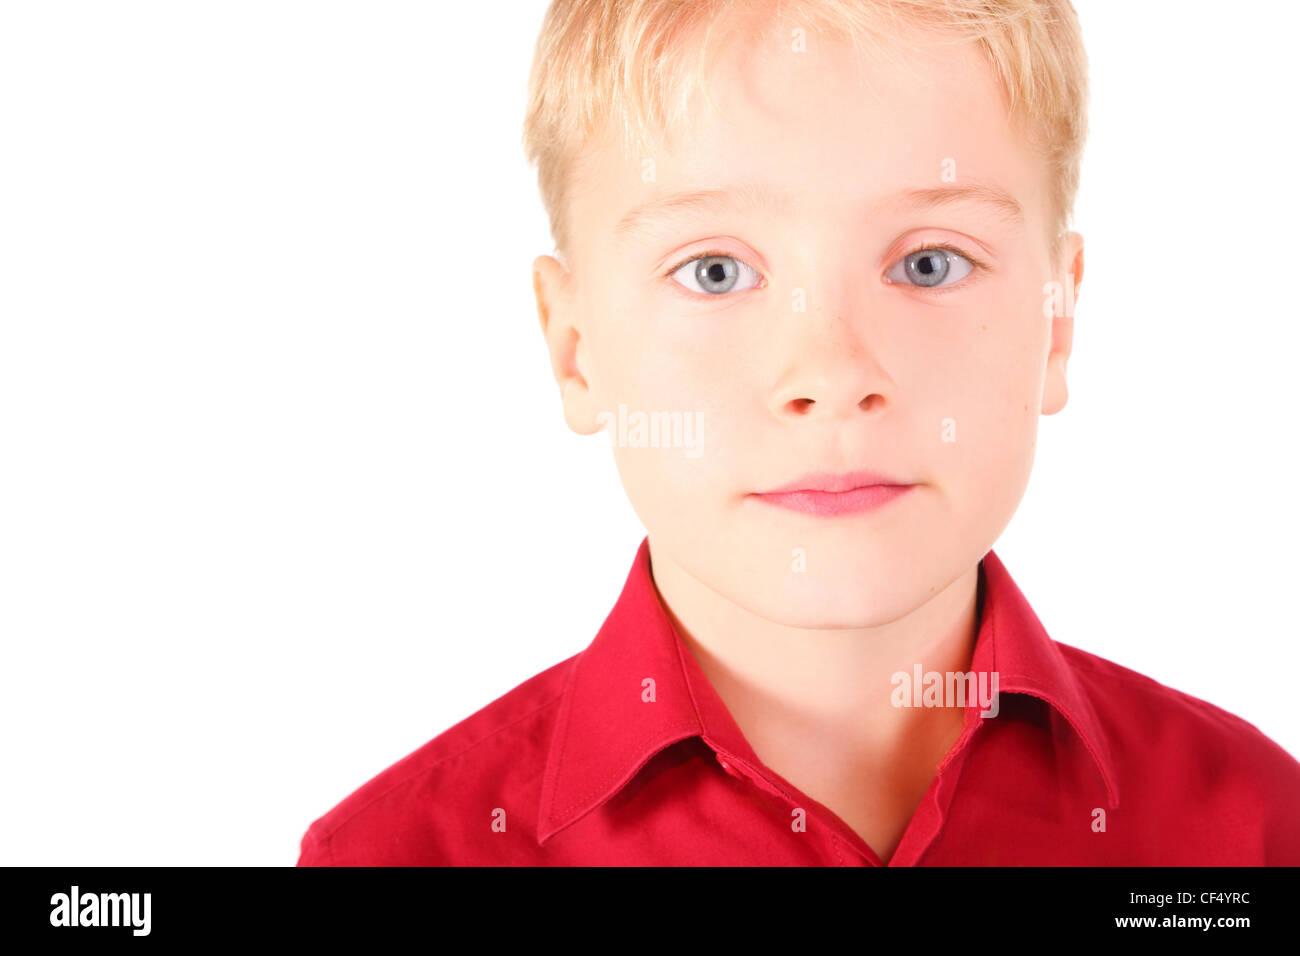 portrait of sadness boy with melancholy eyes. boy wearing shirt. isolated. - Stock Image